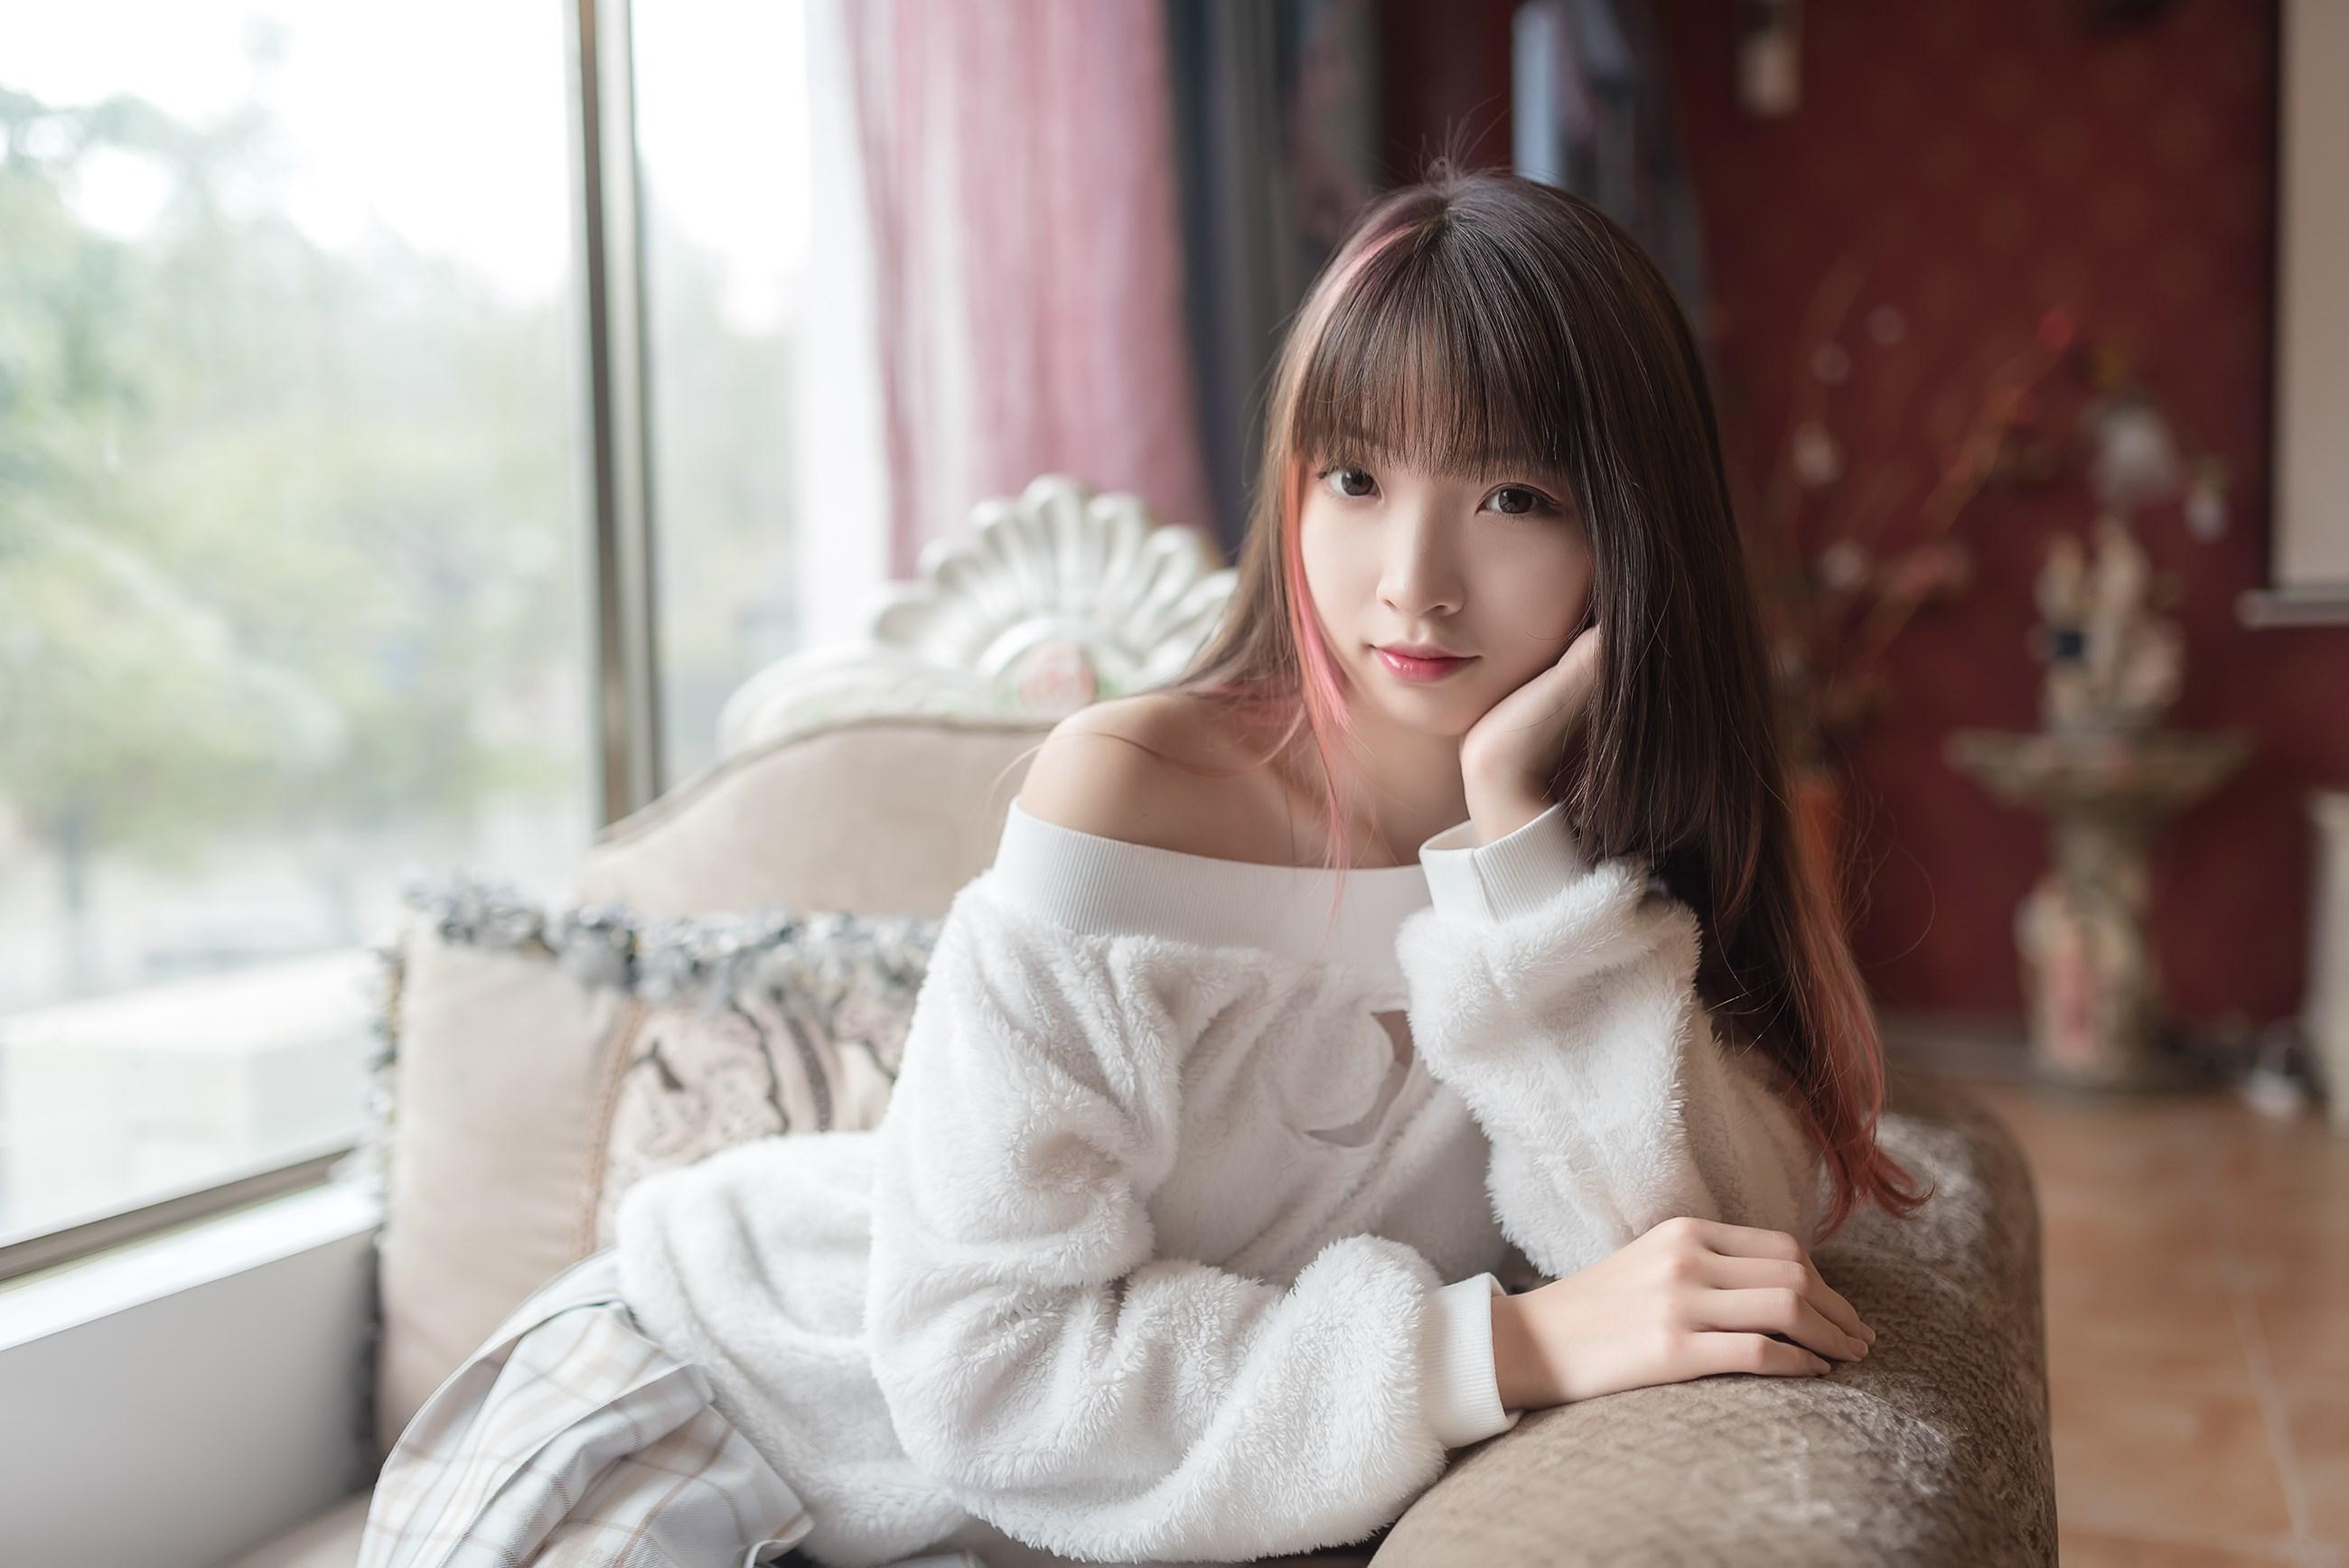 【兔玩映画】露肩少女 兔玩映画 第16张